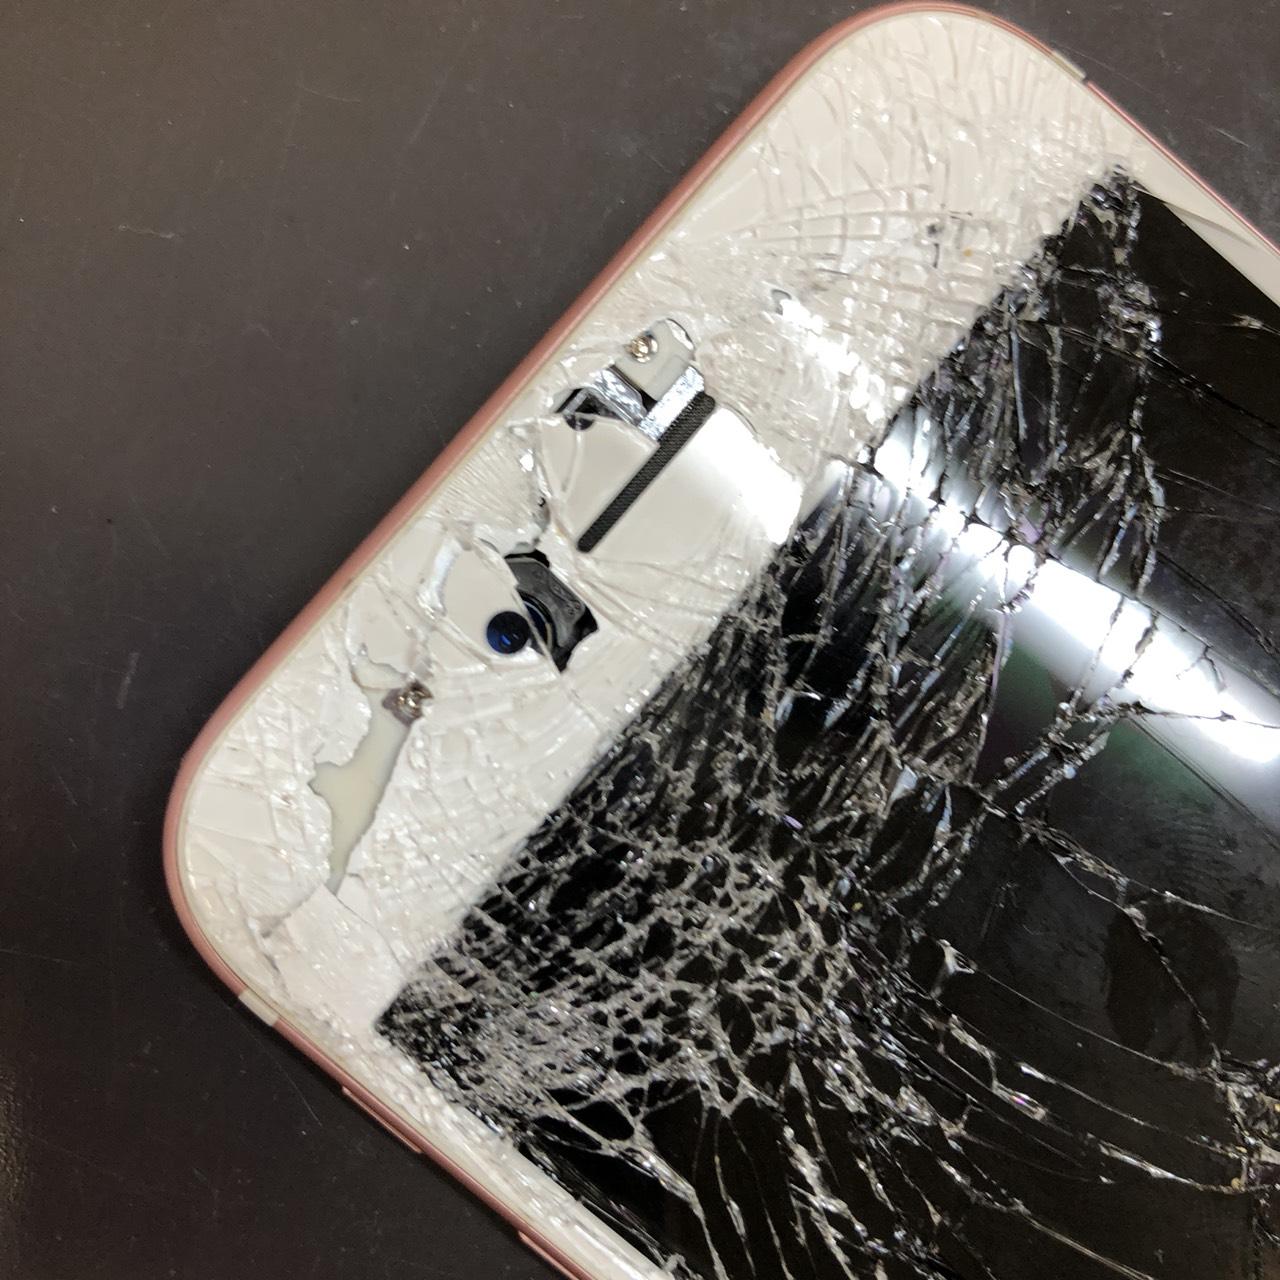 割れたiPhone拡大